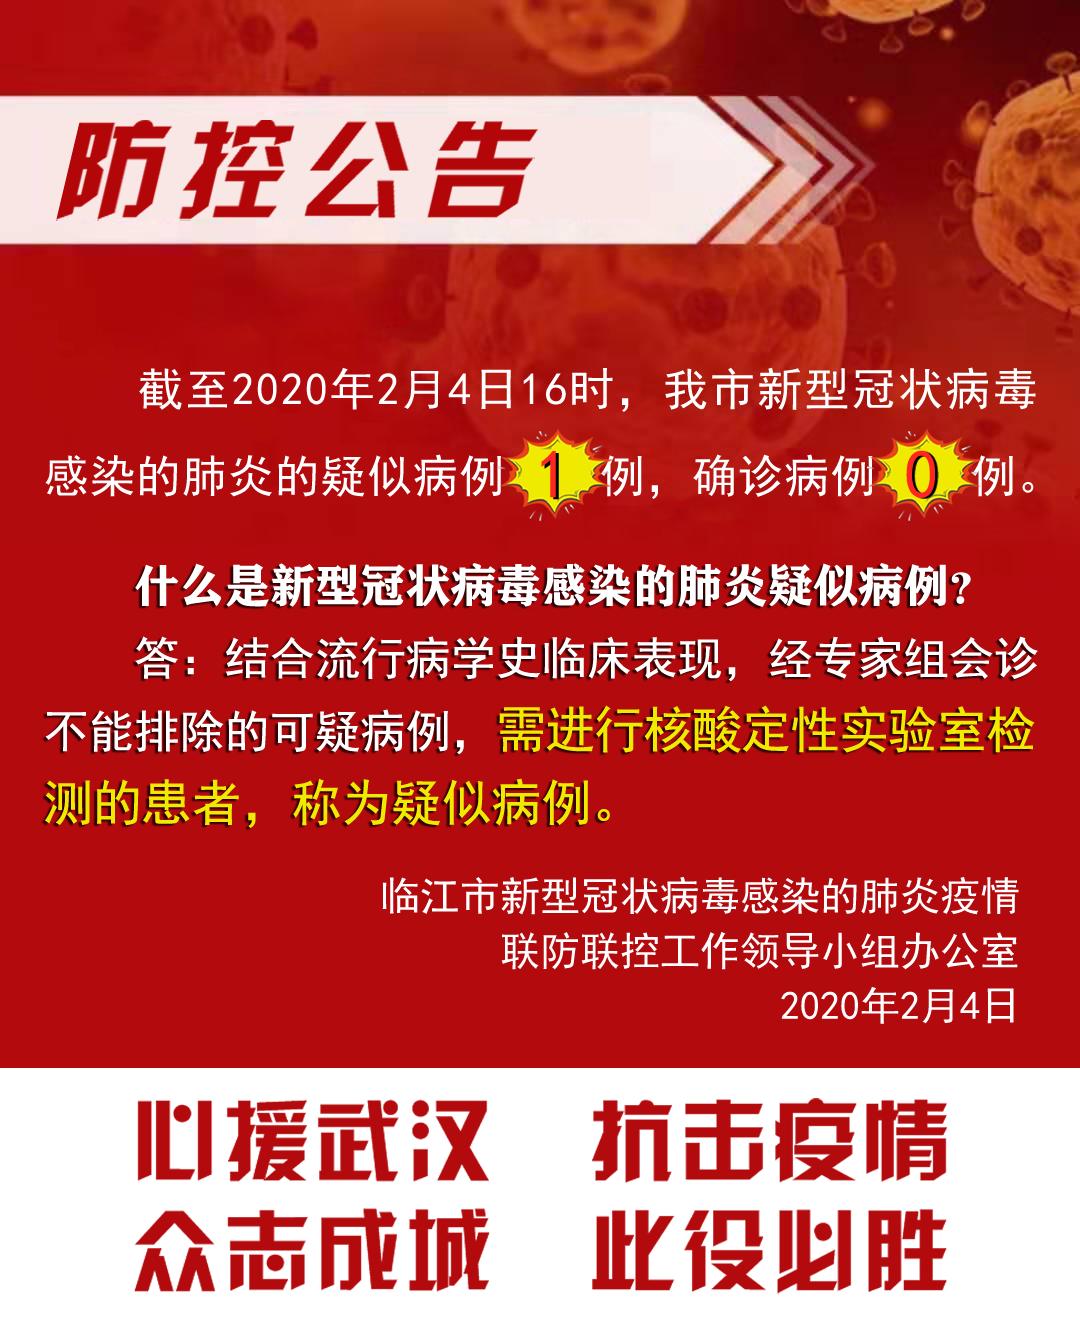 临江疫情防控公告-2020年2月4日